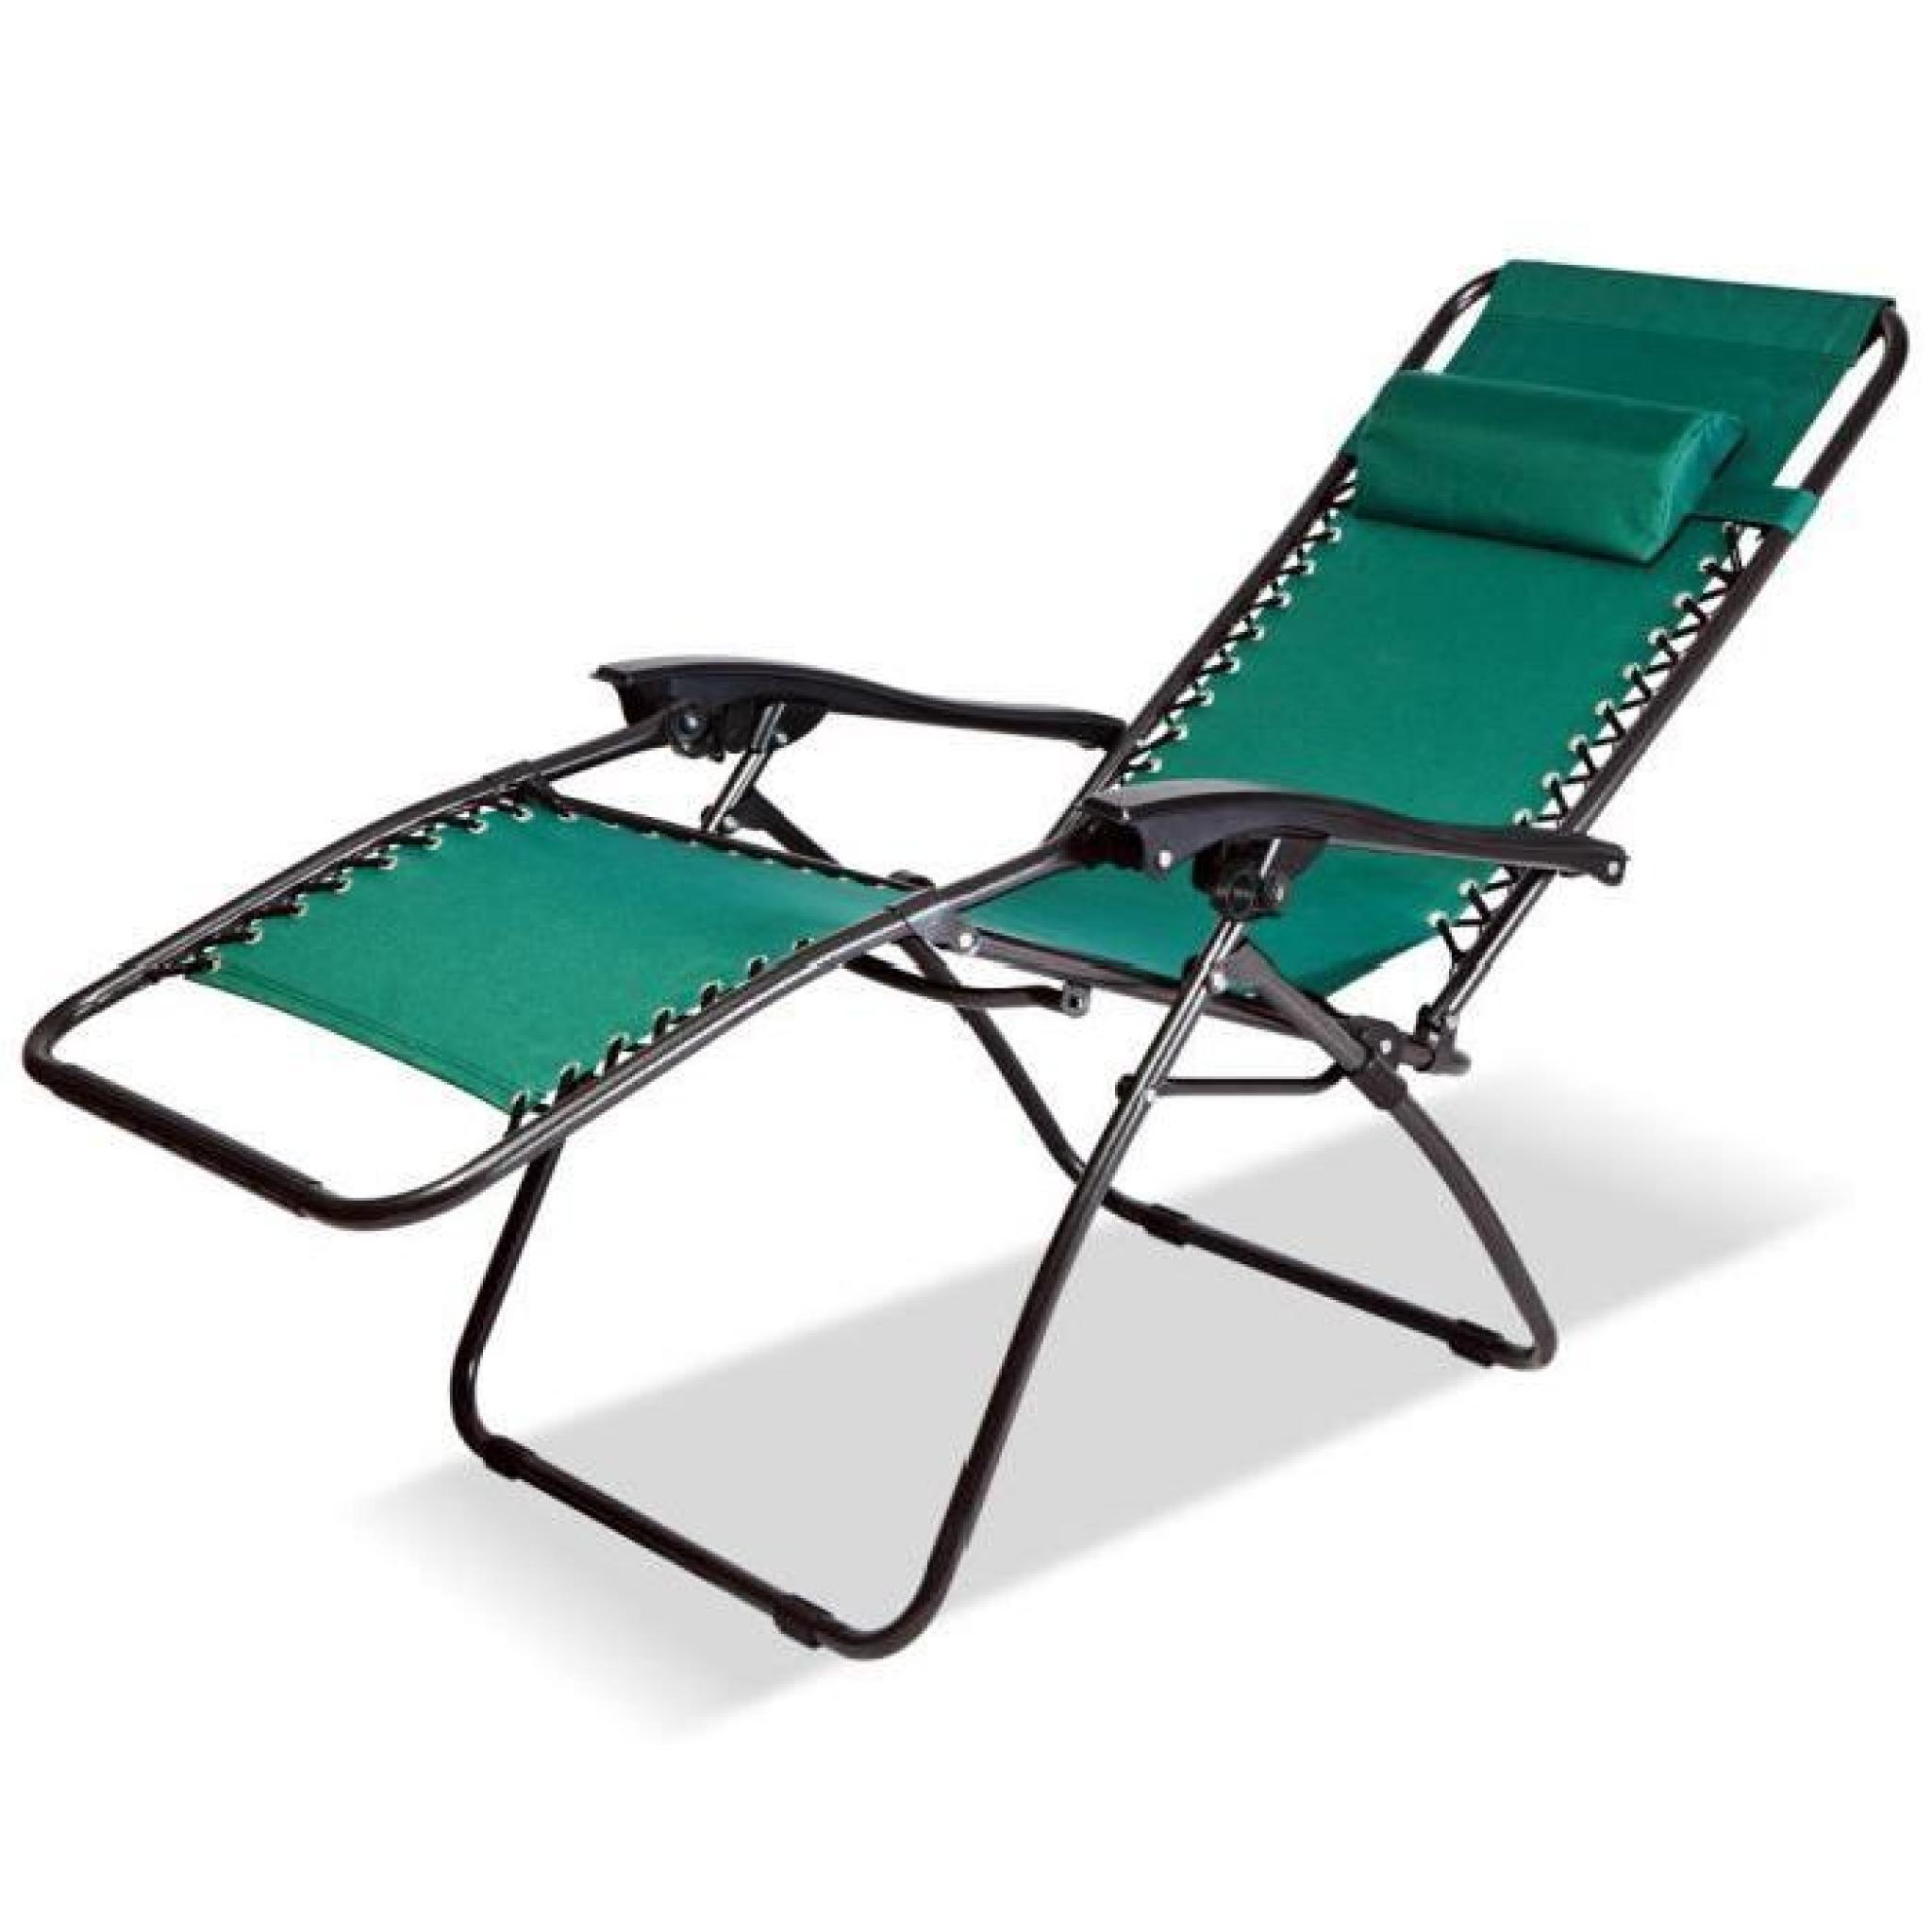 Chaise Longue De Jardin Pliable - Chaise Pliable De Camping - Transat  Terrasse tout Transat Jardin Pas Cher